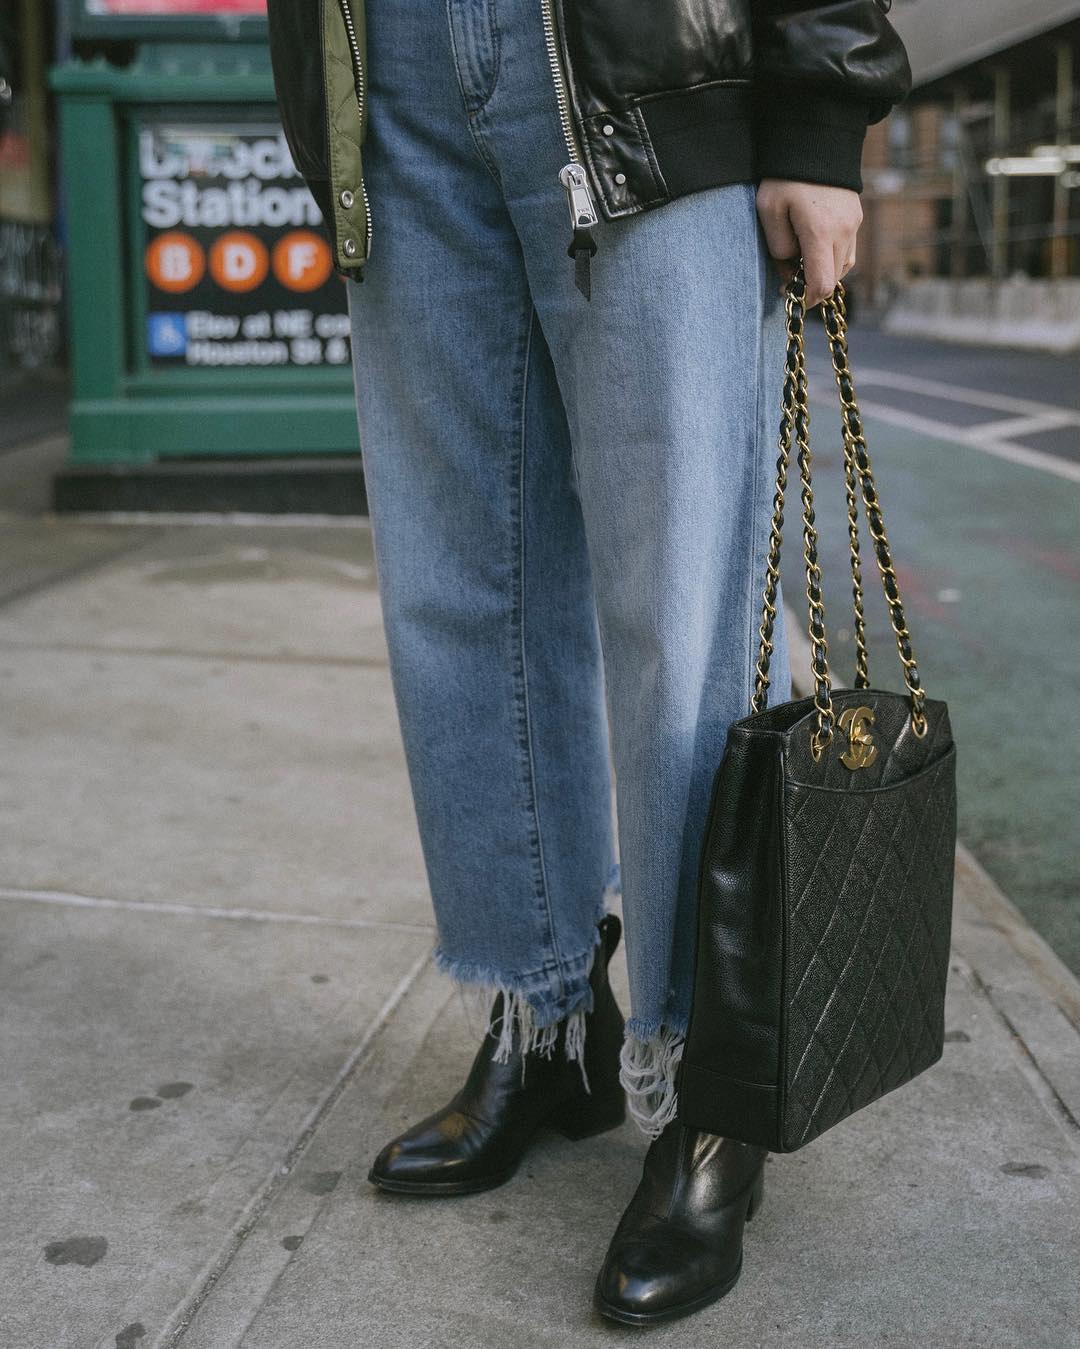 Diện quần jeans, chưa chắc là bạn đã có vẻ ngoài sành điệu nếu không mix với 4 mẫu giày sau đây - Ảnh 3